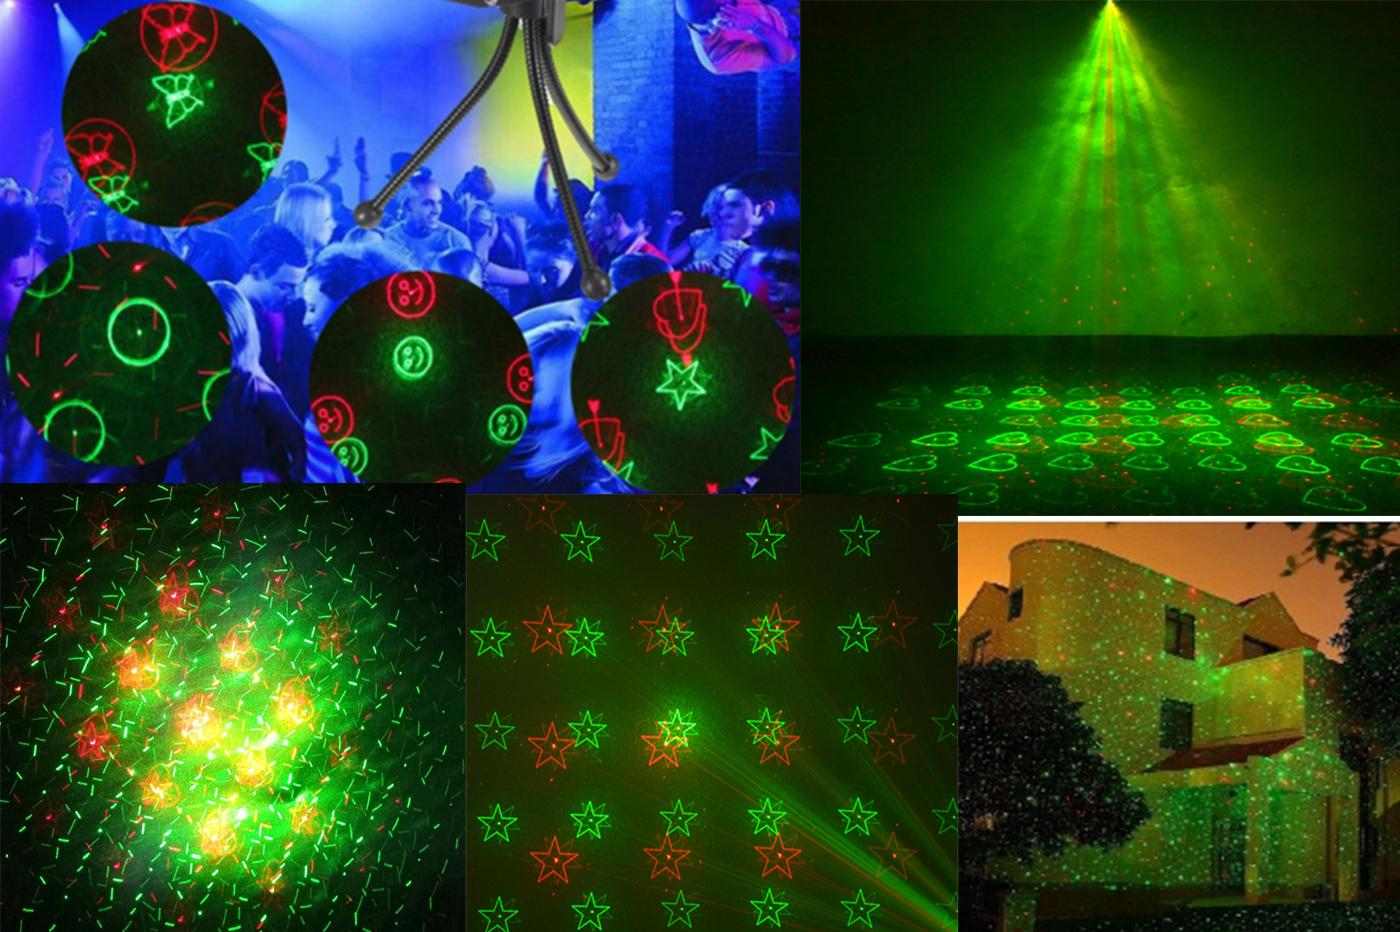 Mini Proiettore Laser Effetto Luci.Bes 23743 Attrezzature Luci Ed Effetti Beselettronica